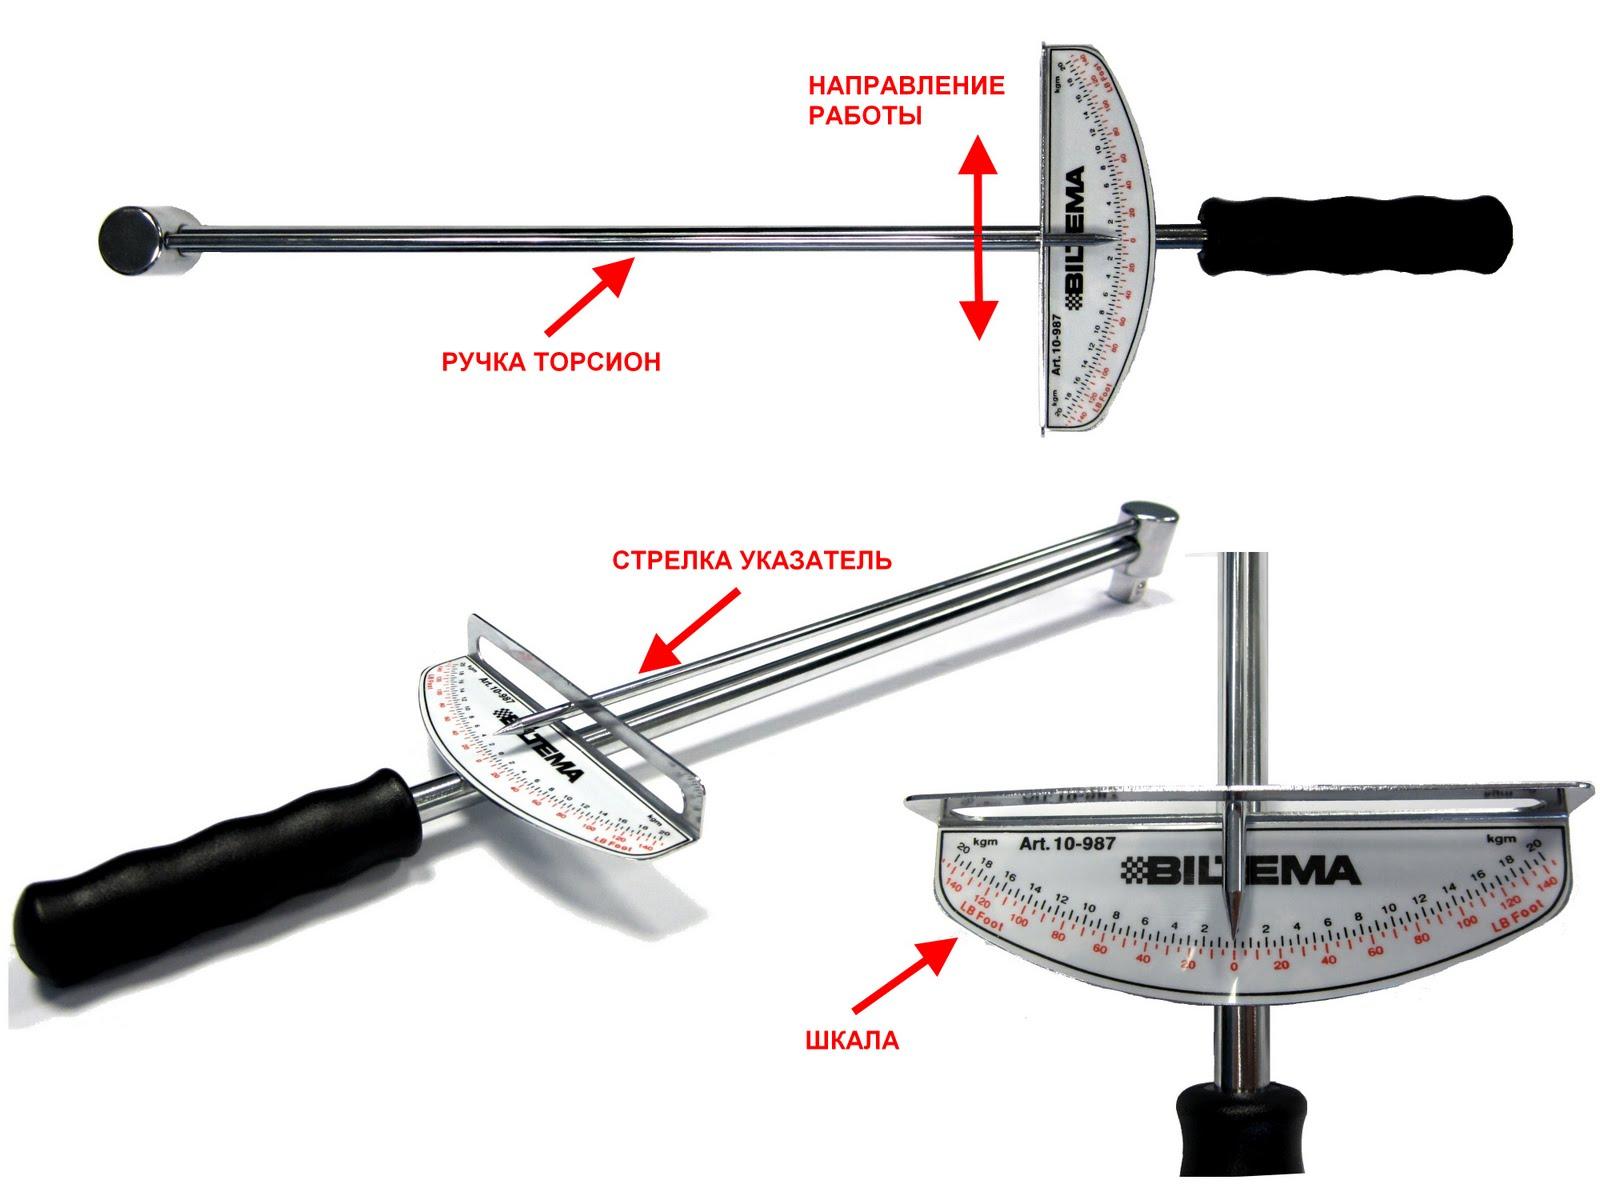 Как своими руками сделать динамометрический ключ